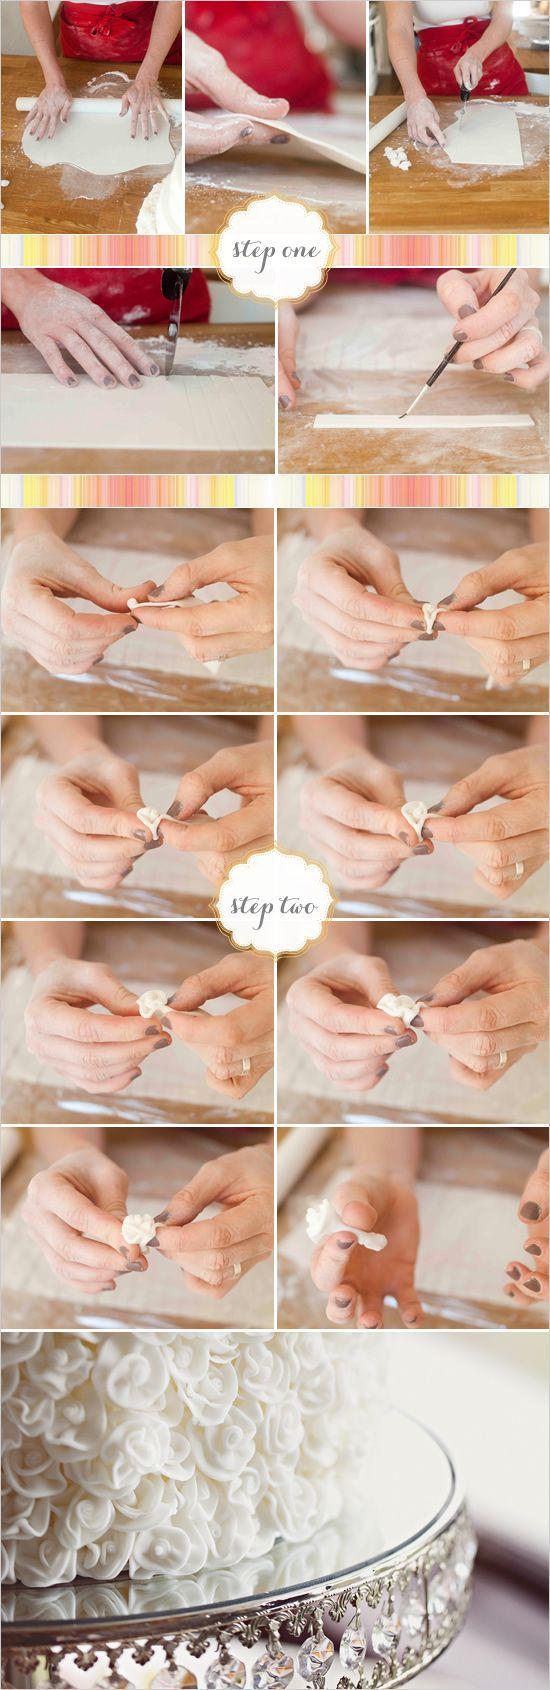 Как сделать украшение торта своими руками 6